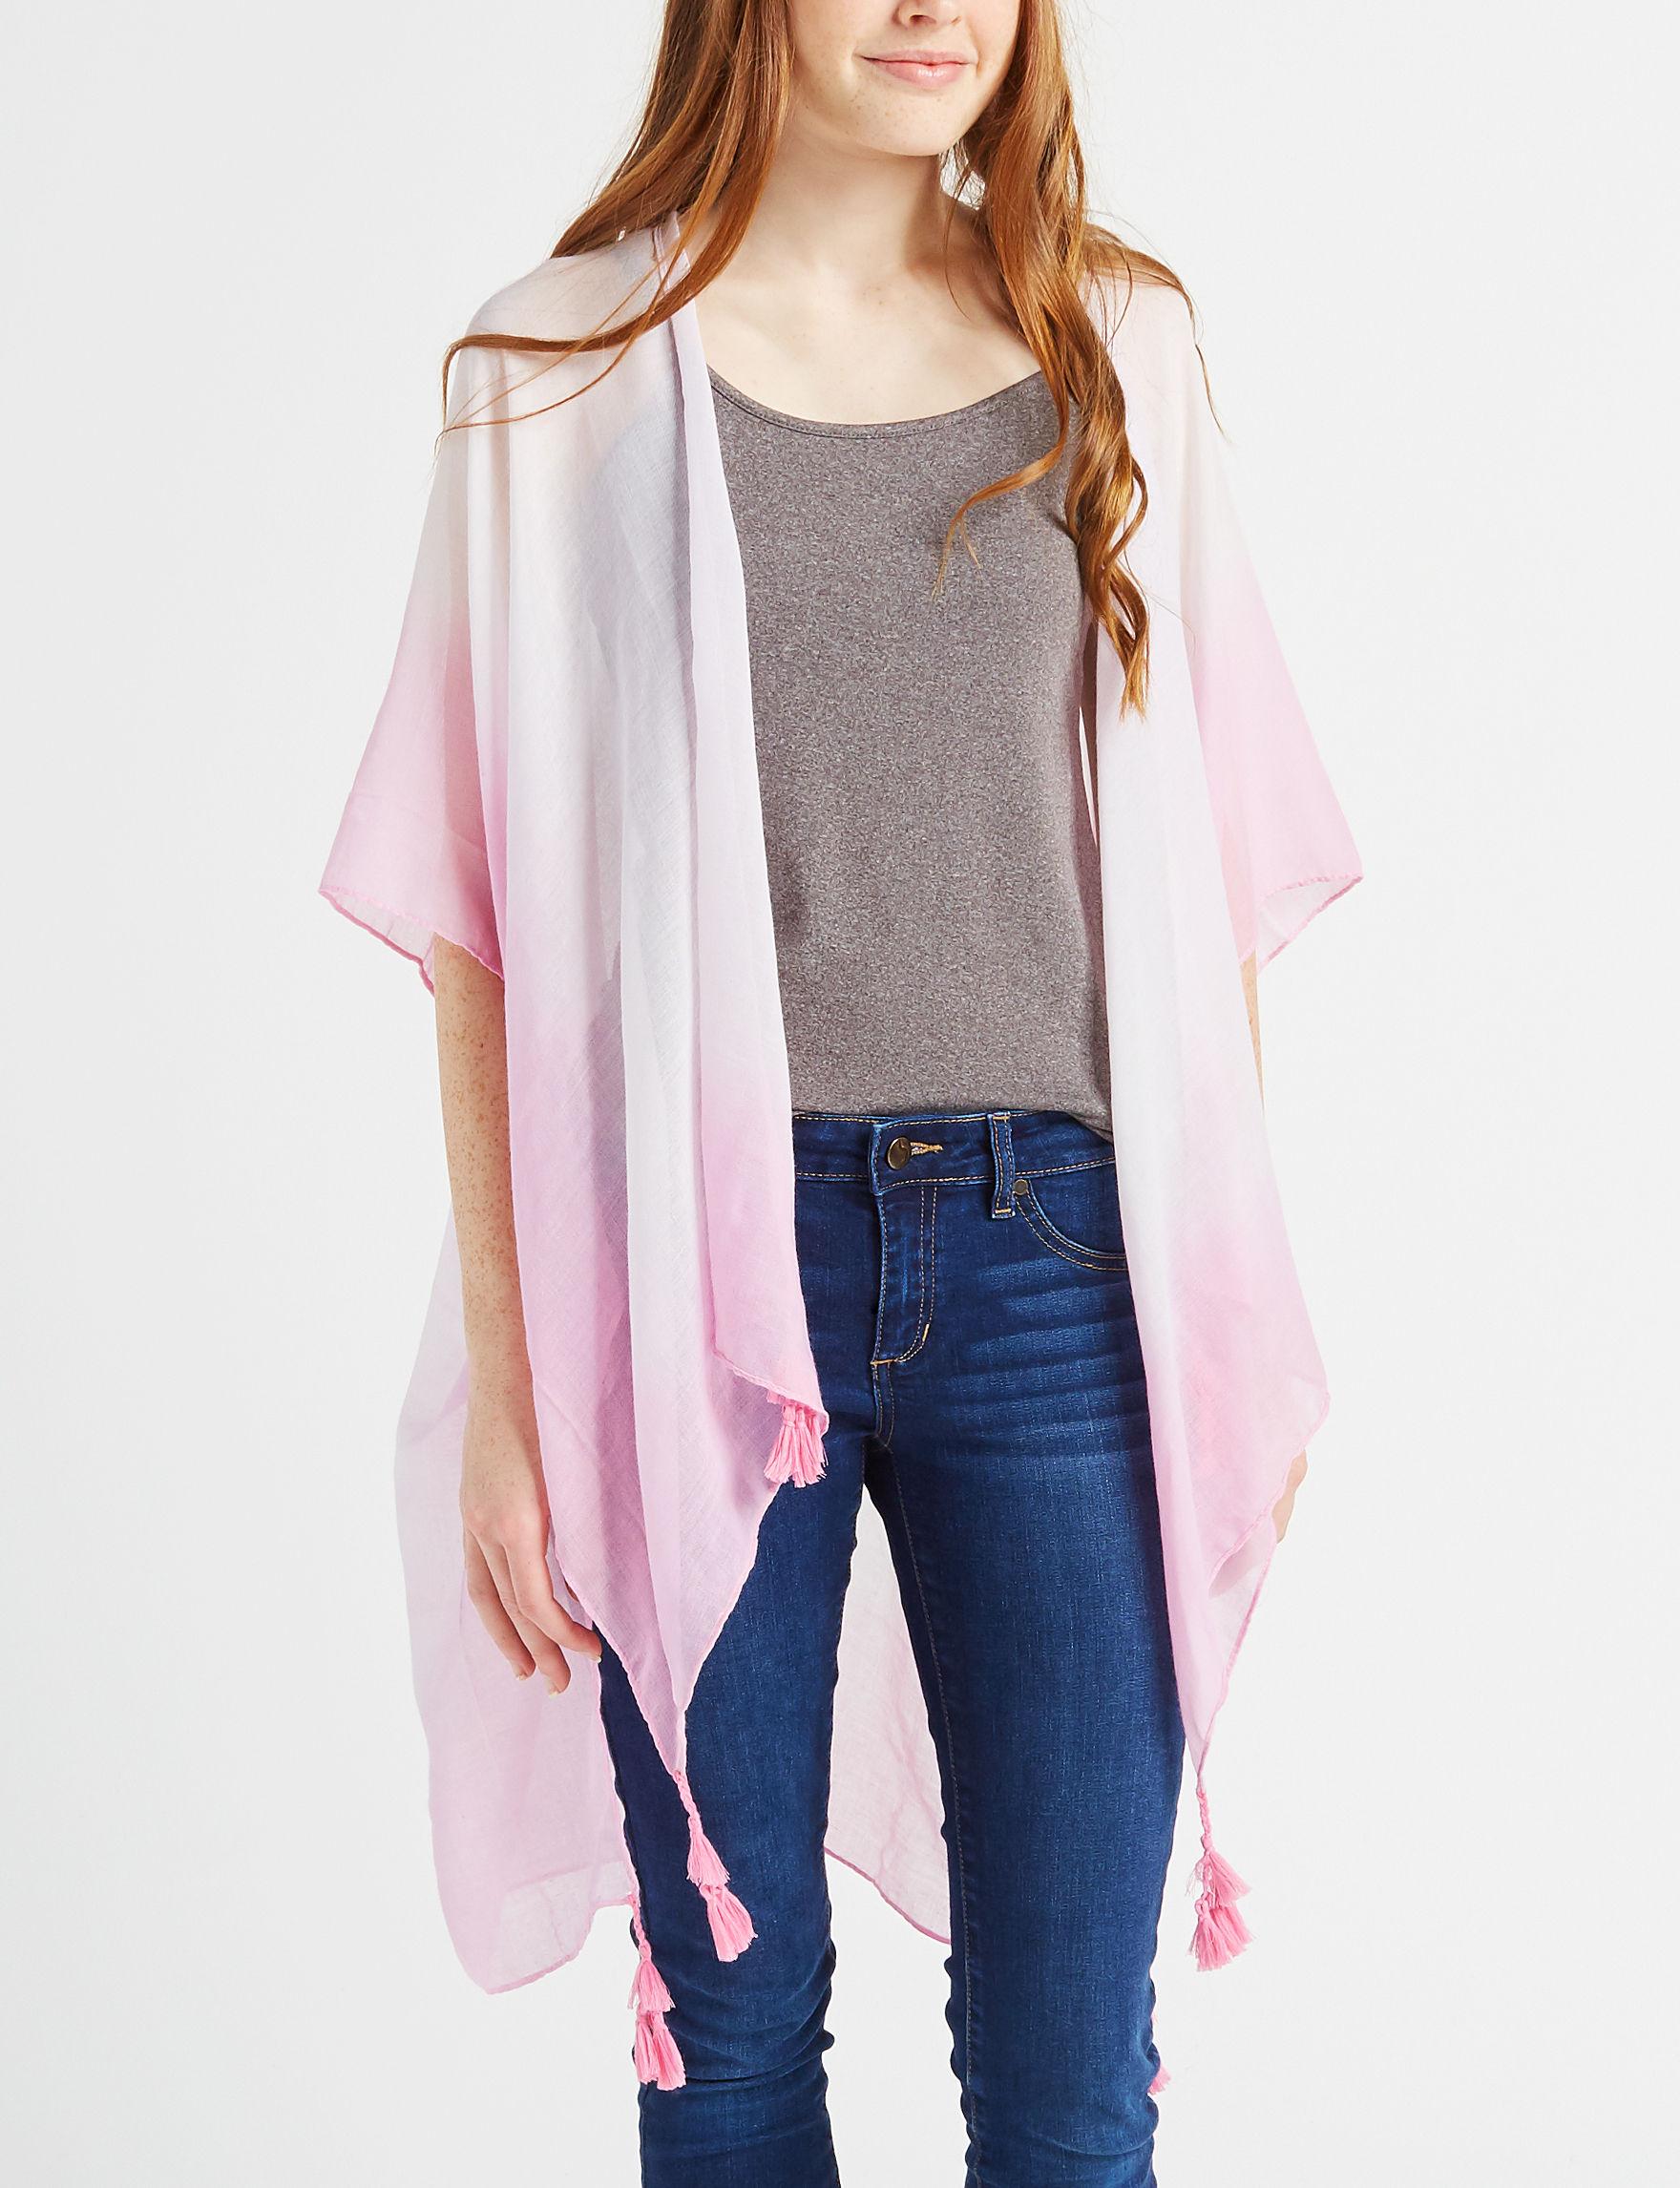 Basha White / Pink Kimonos & Toppers